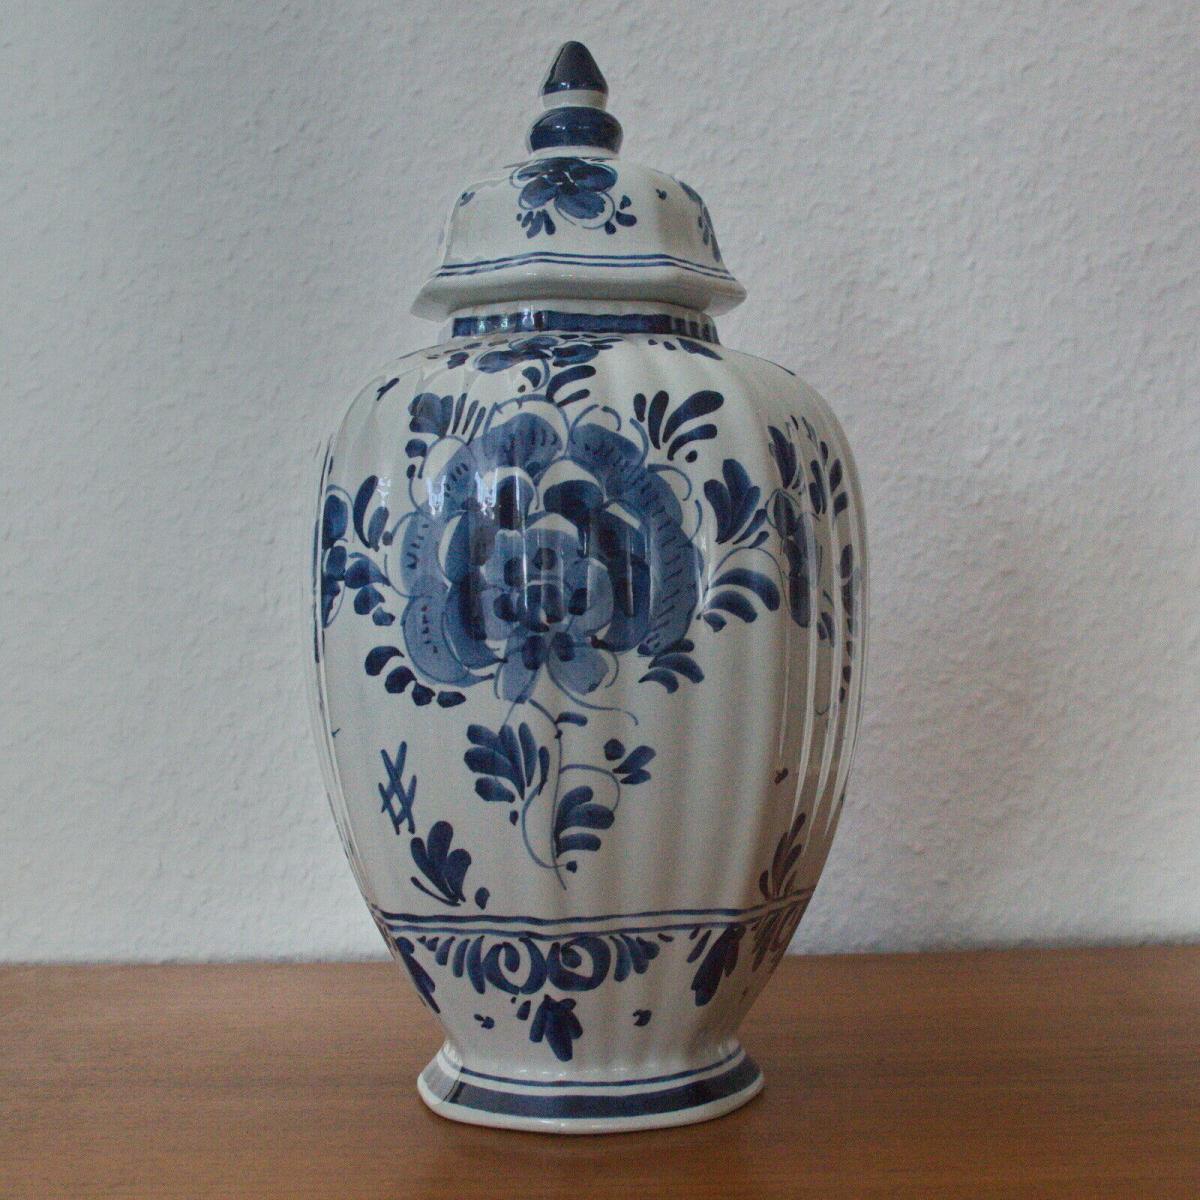 Delft porzellan vase urne deckelvase #246 handbemalt c. delfts 60er jahre objekt 0